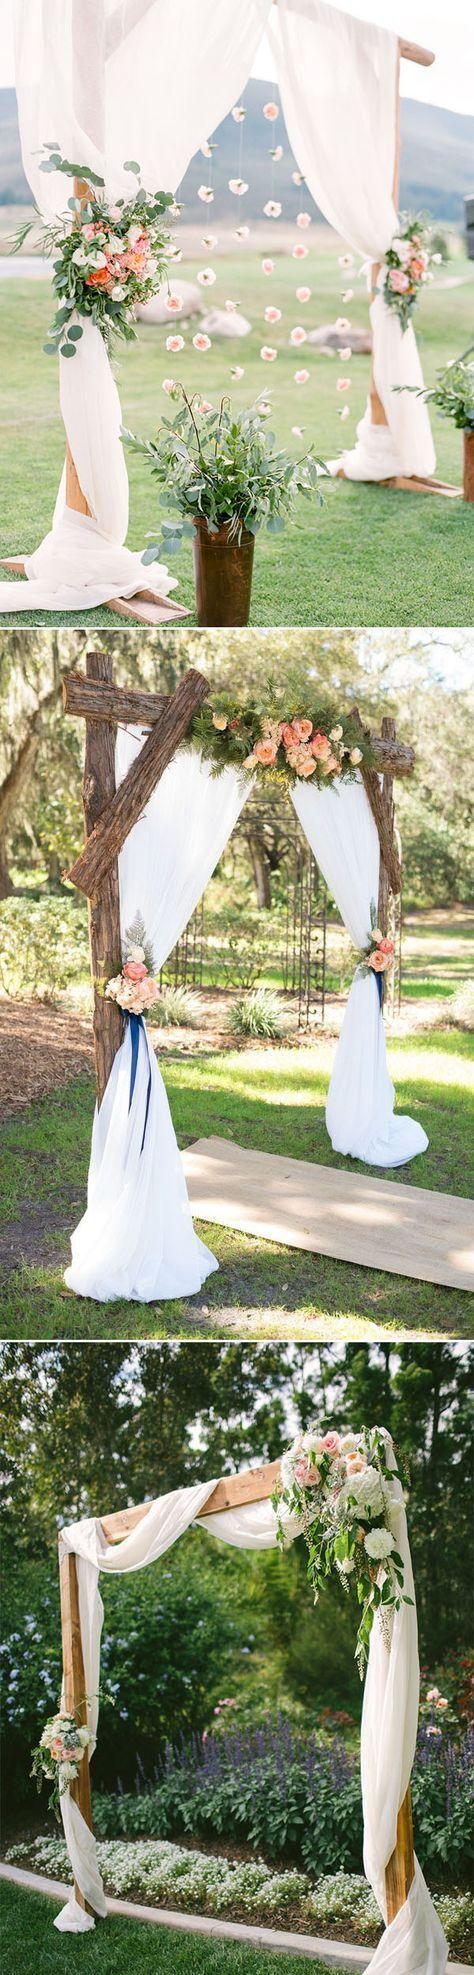 Church wedding decoration ideas 2018   Best Floral Wedding Altars u Arches Decorating Ideas in